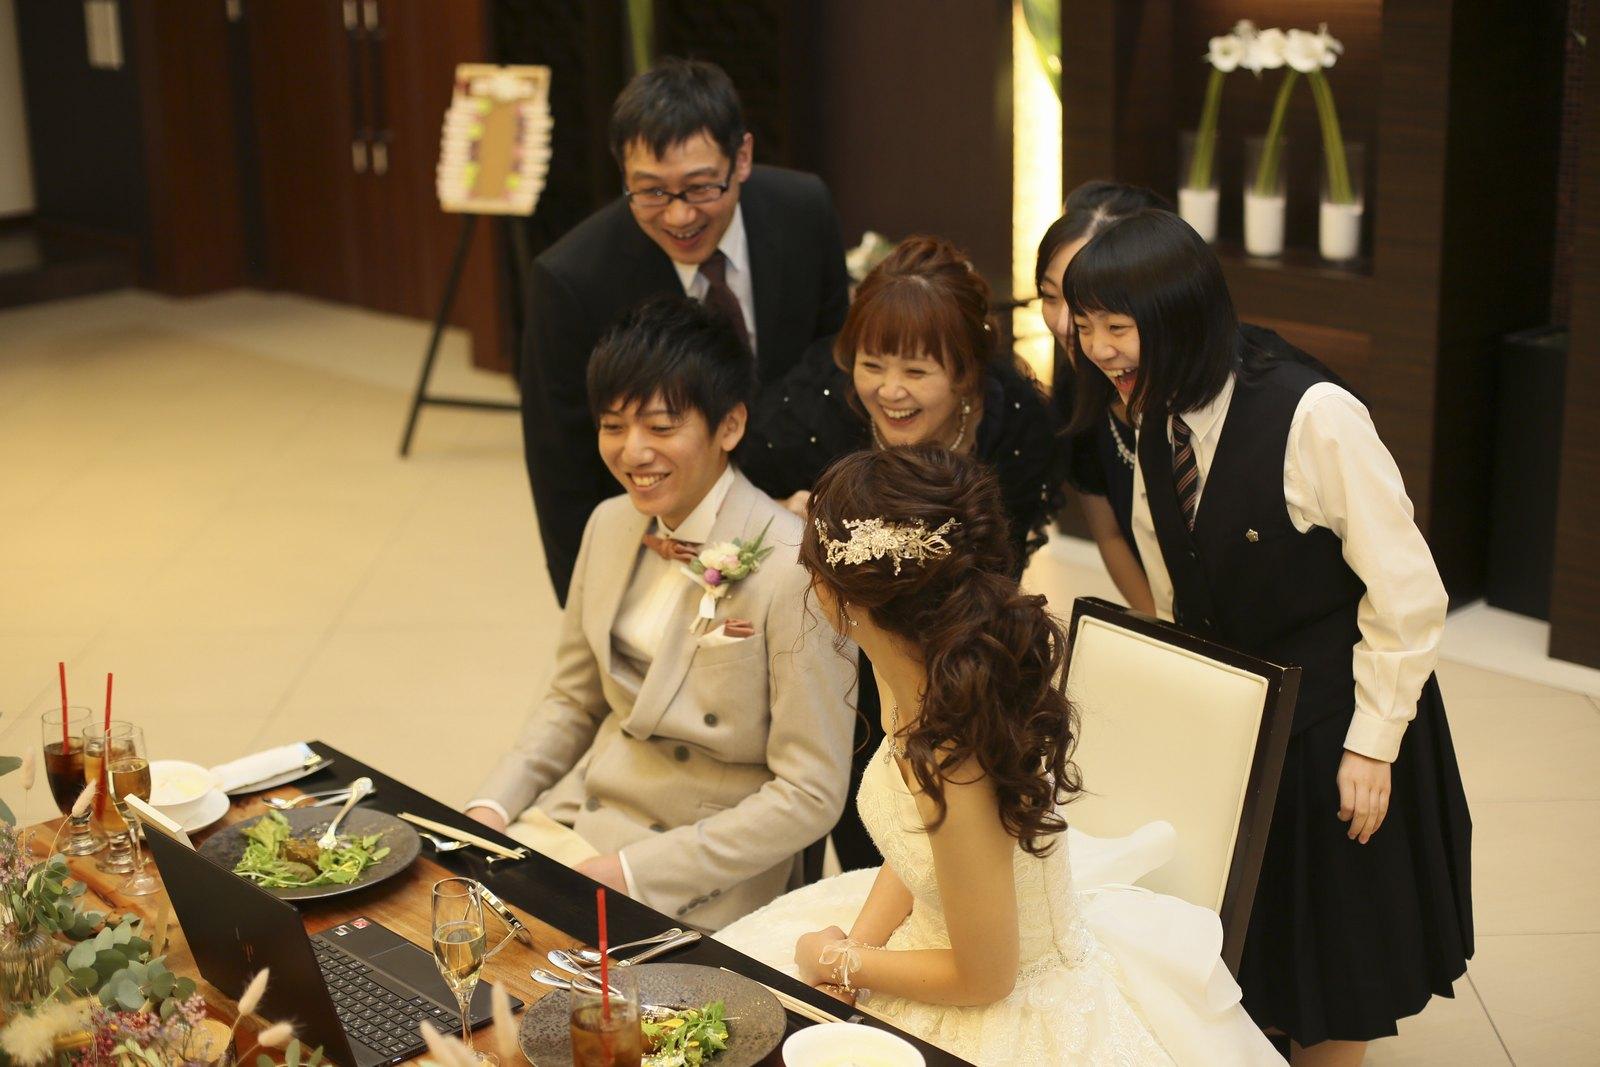 徳島県の結婚式場ブランアンジュでリモートでつながるゲストと話がはずむ